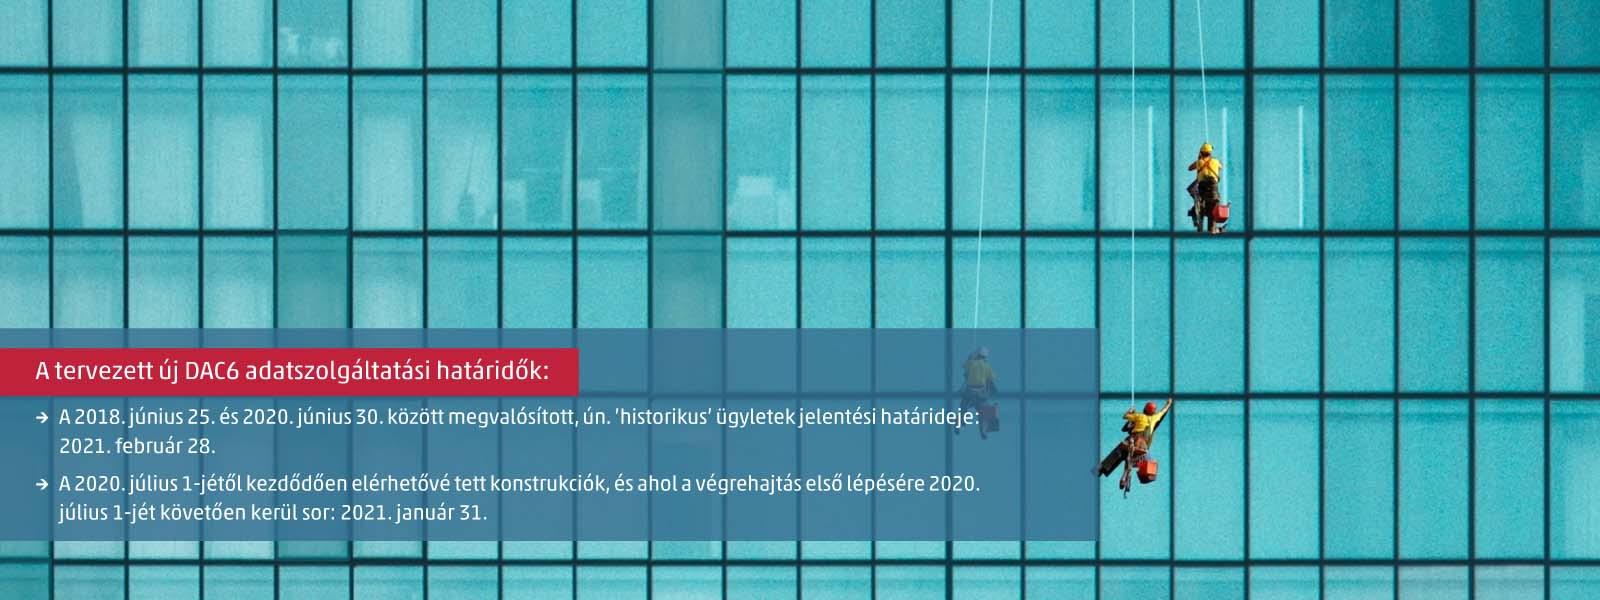 Hat hónappal kitolódhatnak a DAC6 adatszolgáltatási határidők